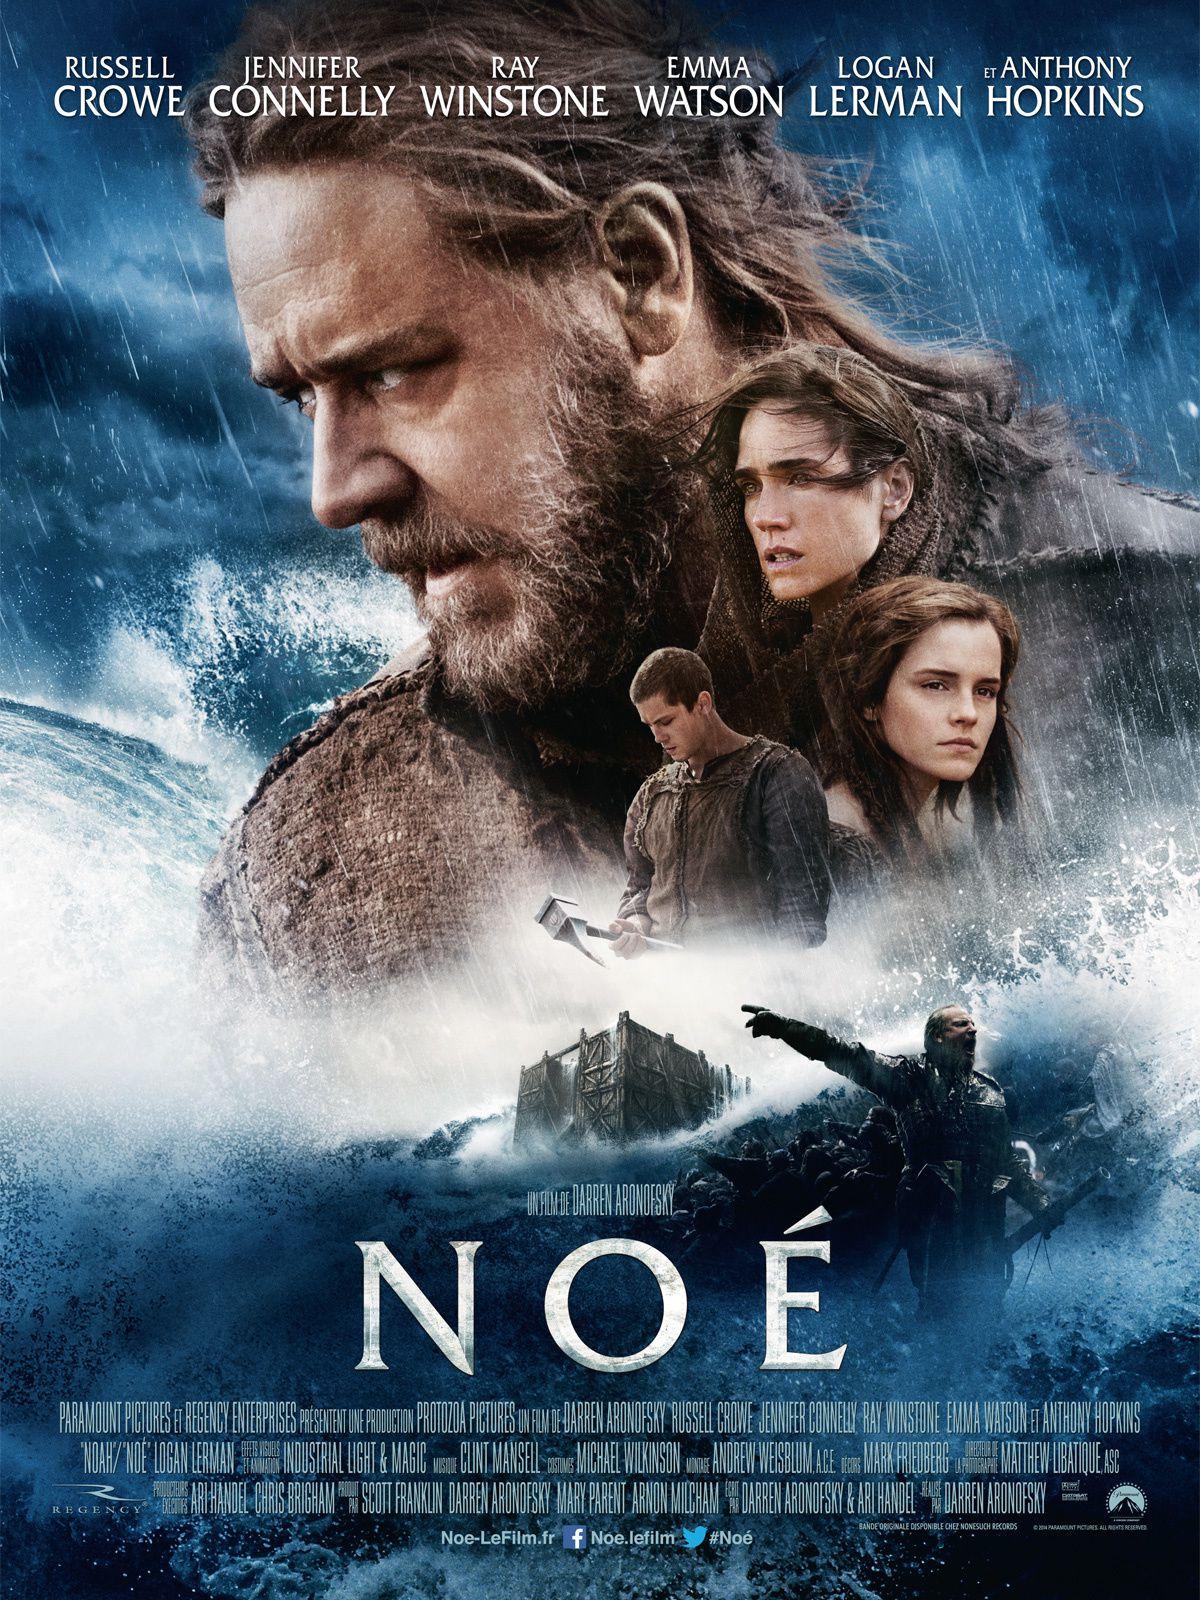 Noé - Russel Crowe &#x3B; une histoire pileuse